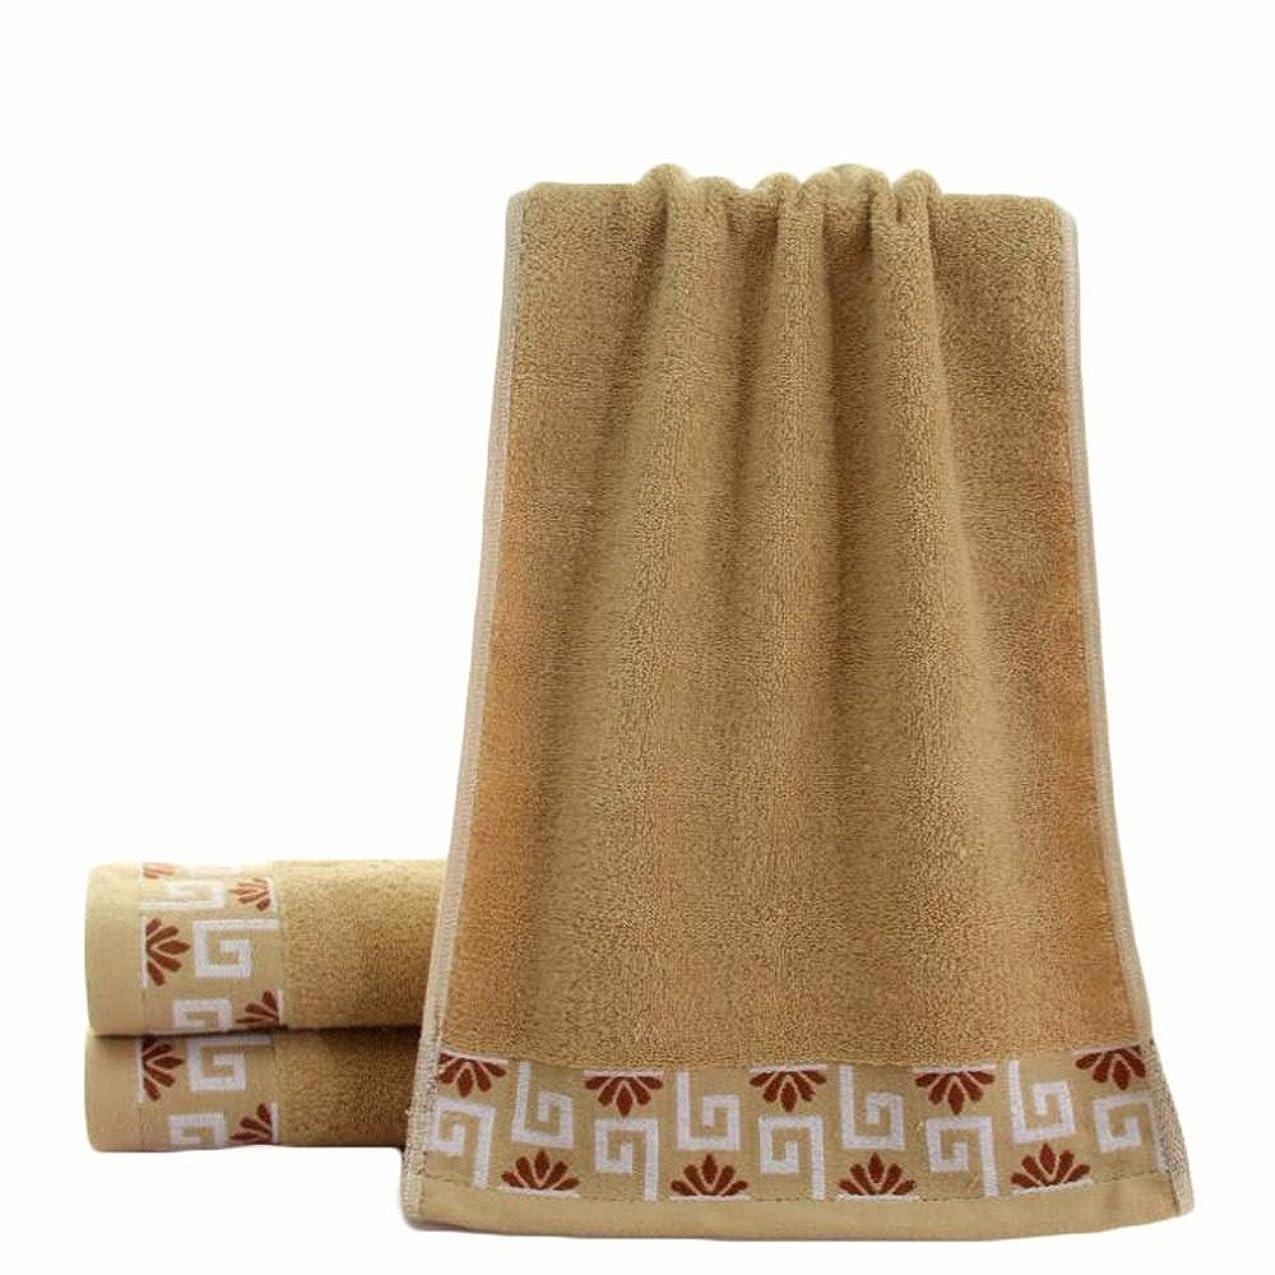 徐々におもてなしトリムCXUNKK 2PCS / LOT家庭用増粘吸収ジャカード綿タオル (Color : Coffee)